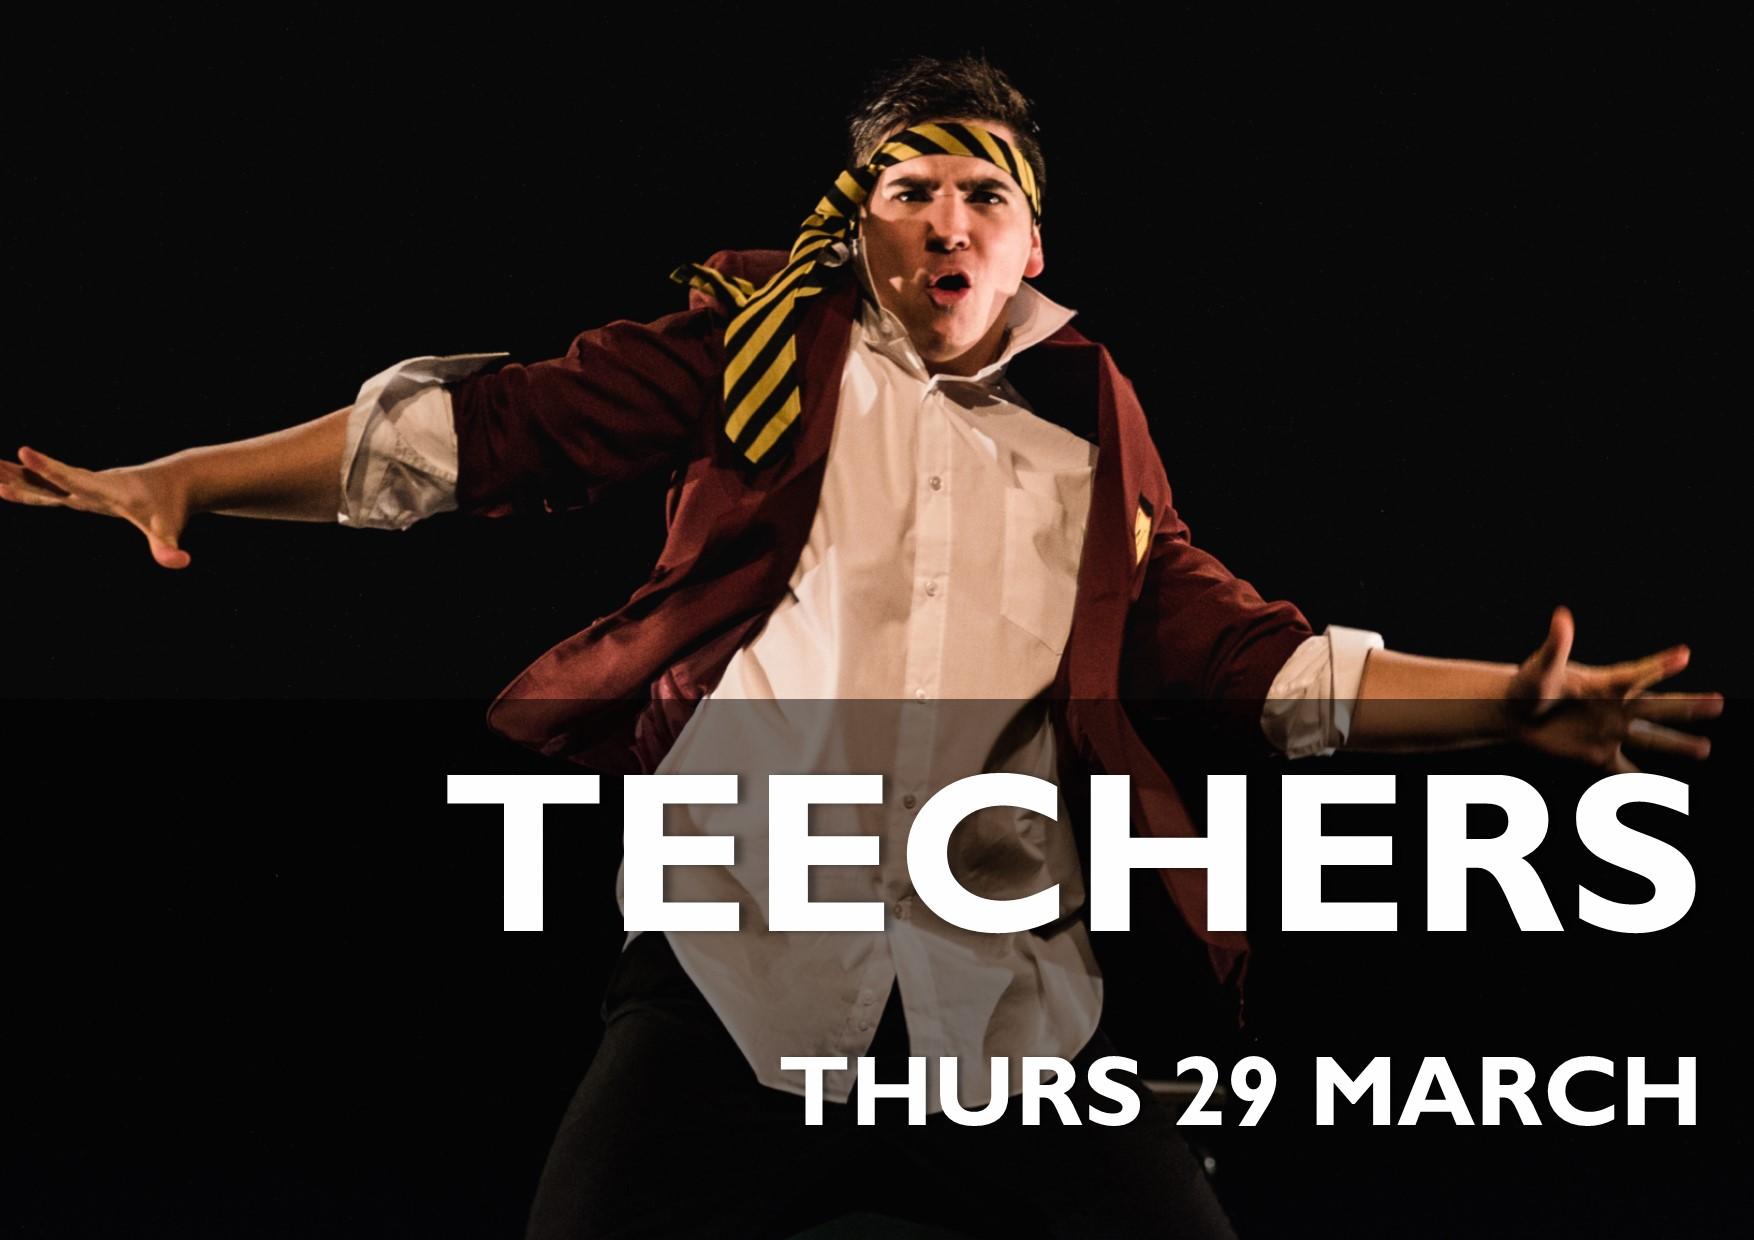 Teechers - 29 March